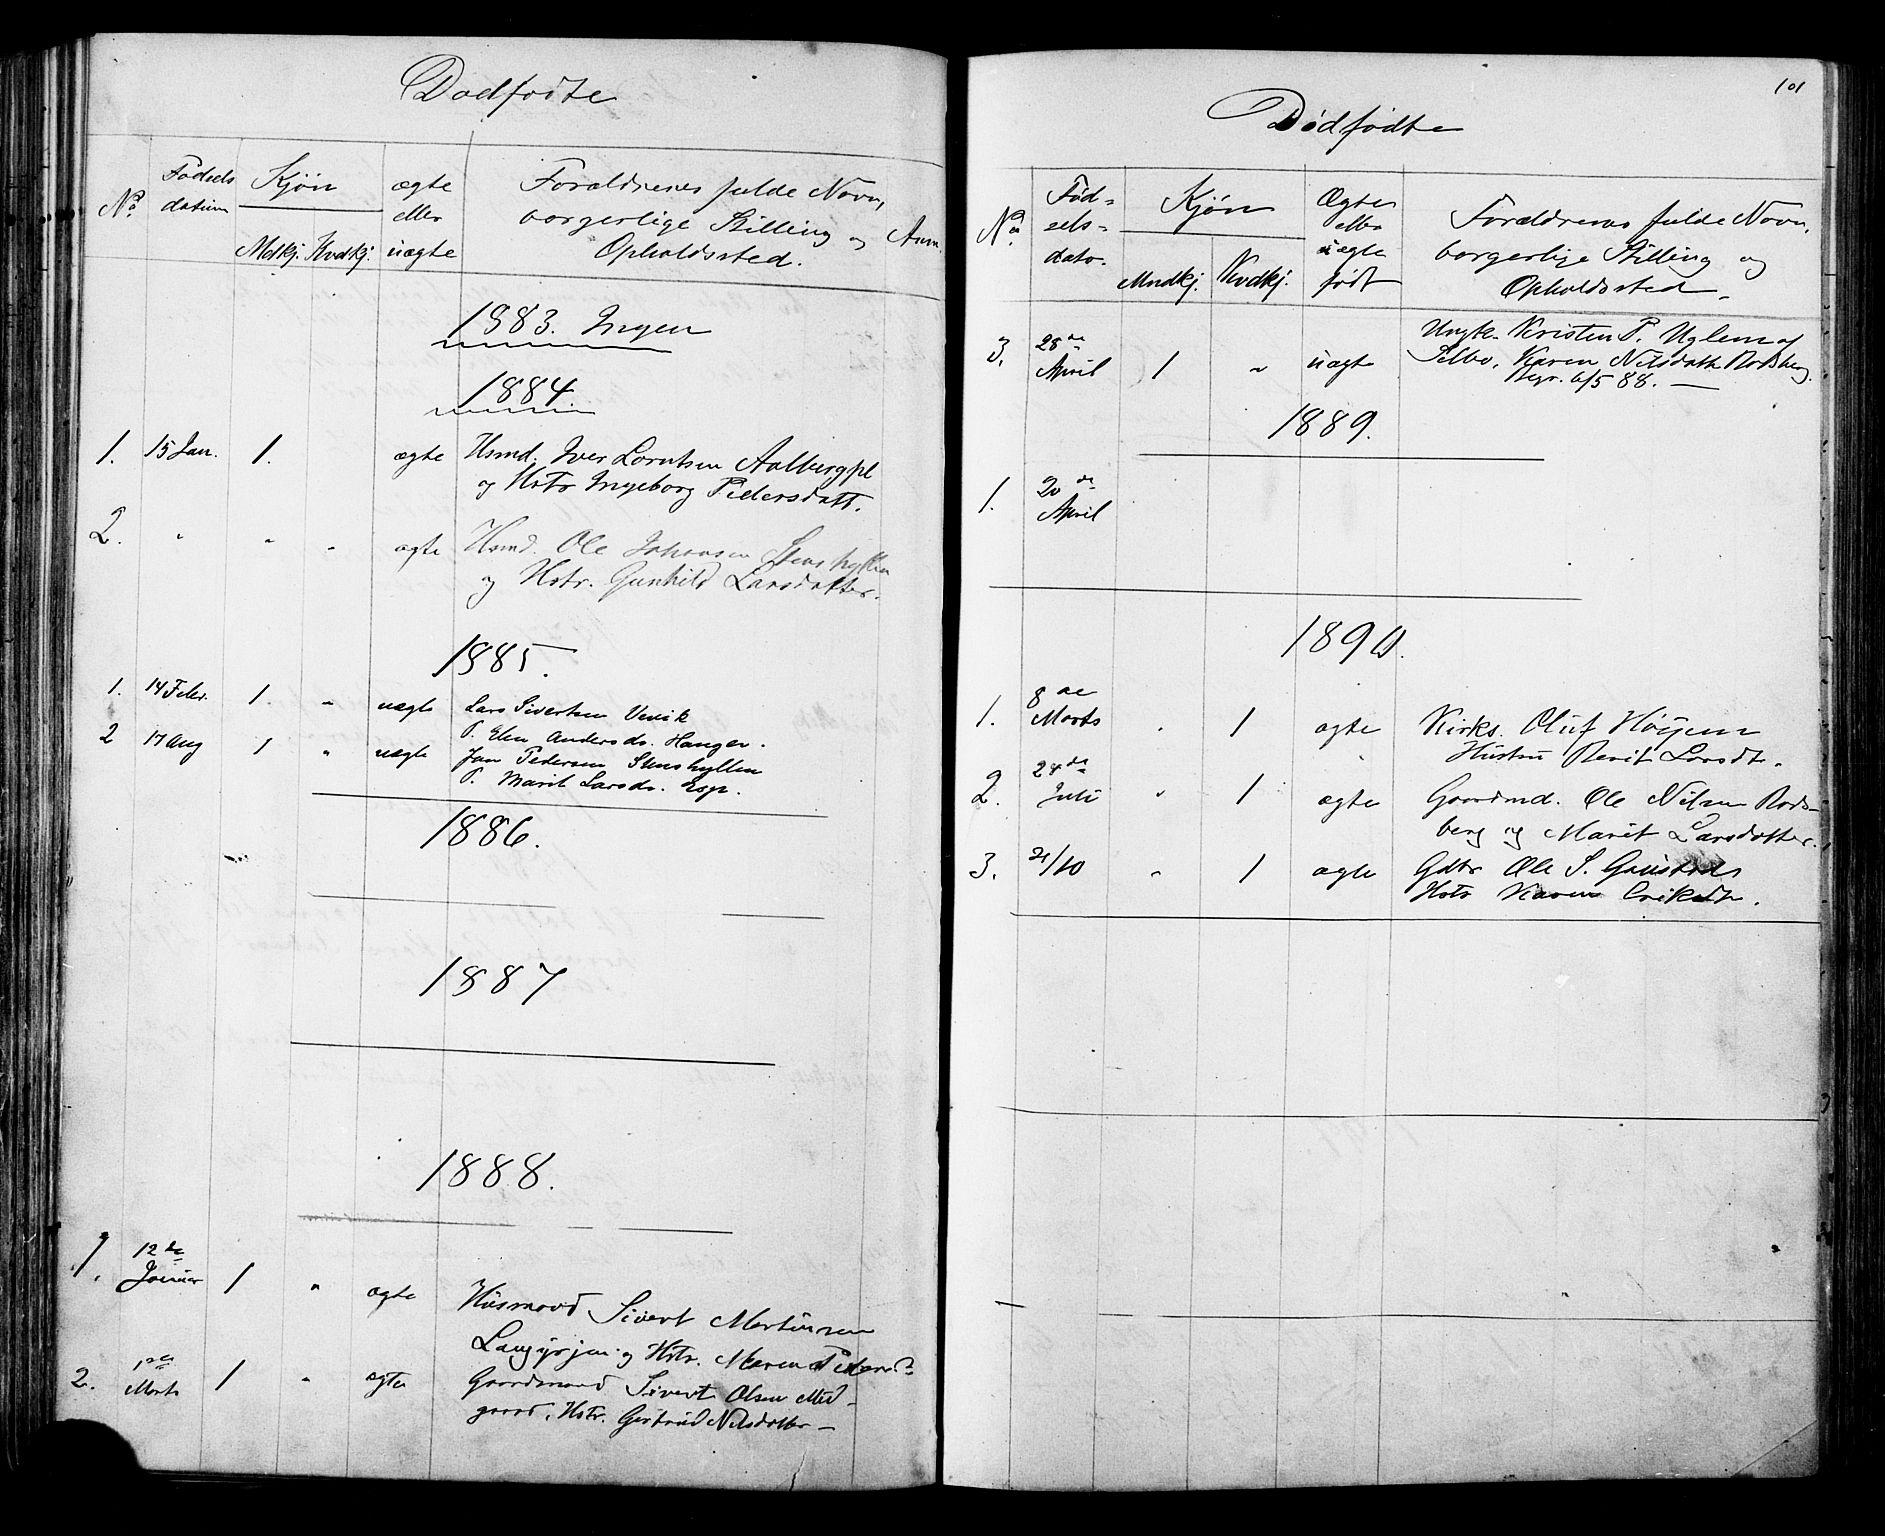 SAT, Ministerialprotokoller, klokkerbøker og fødselsregistre - Sør-Trøndelag, 612/L0387: Klokkerbok nr. 612C03, 1874-1908, s. 101